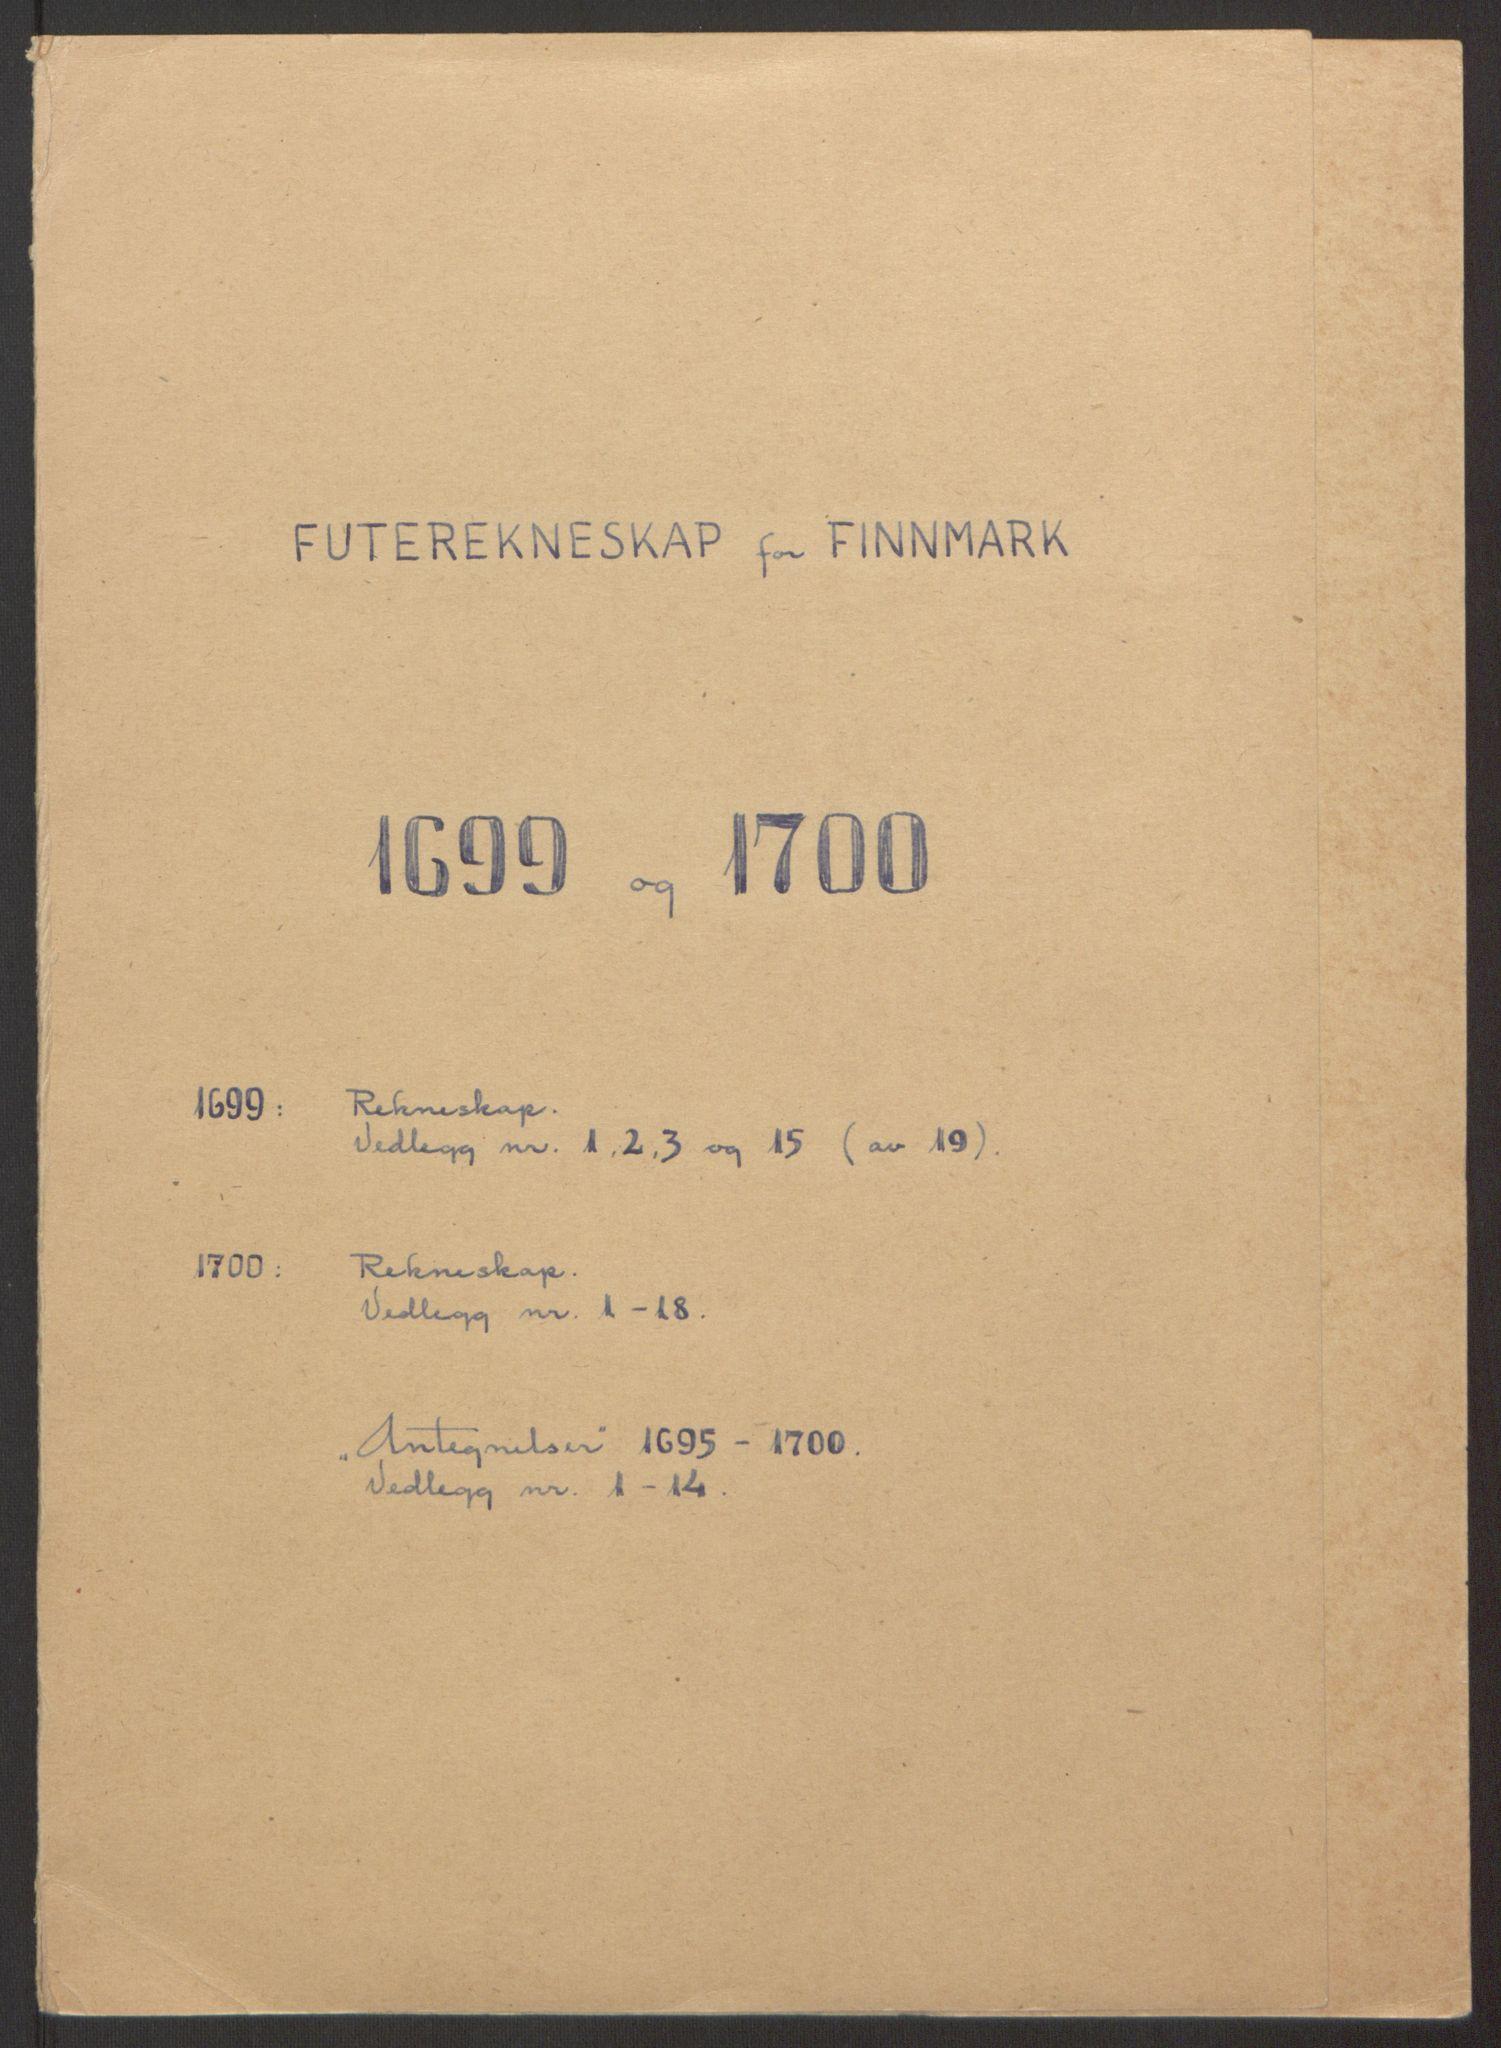 RA, Rentekammeret inntil 1814, Reviderte regnskaper, Fogderegnskap, R69/L4851: Fogderegnskap Finnmark/Vardøhus, 1691-1700, s. 376